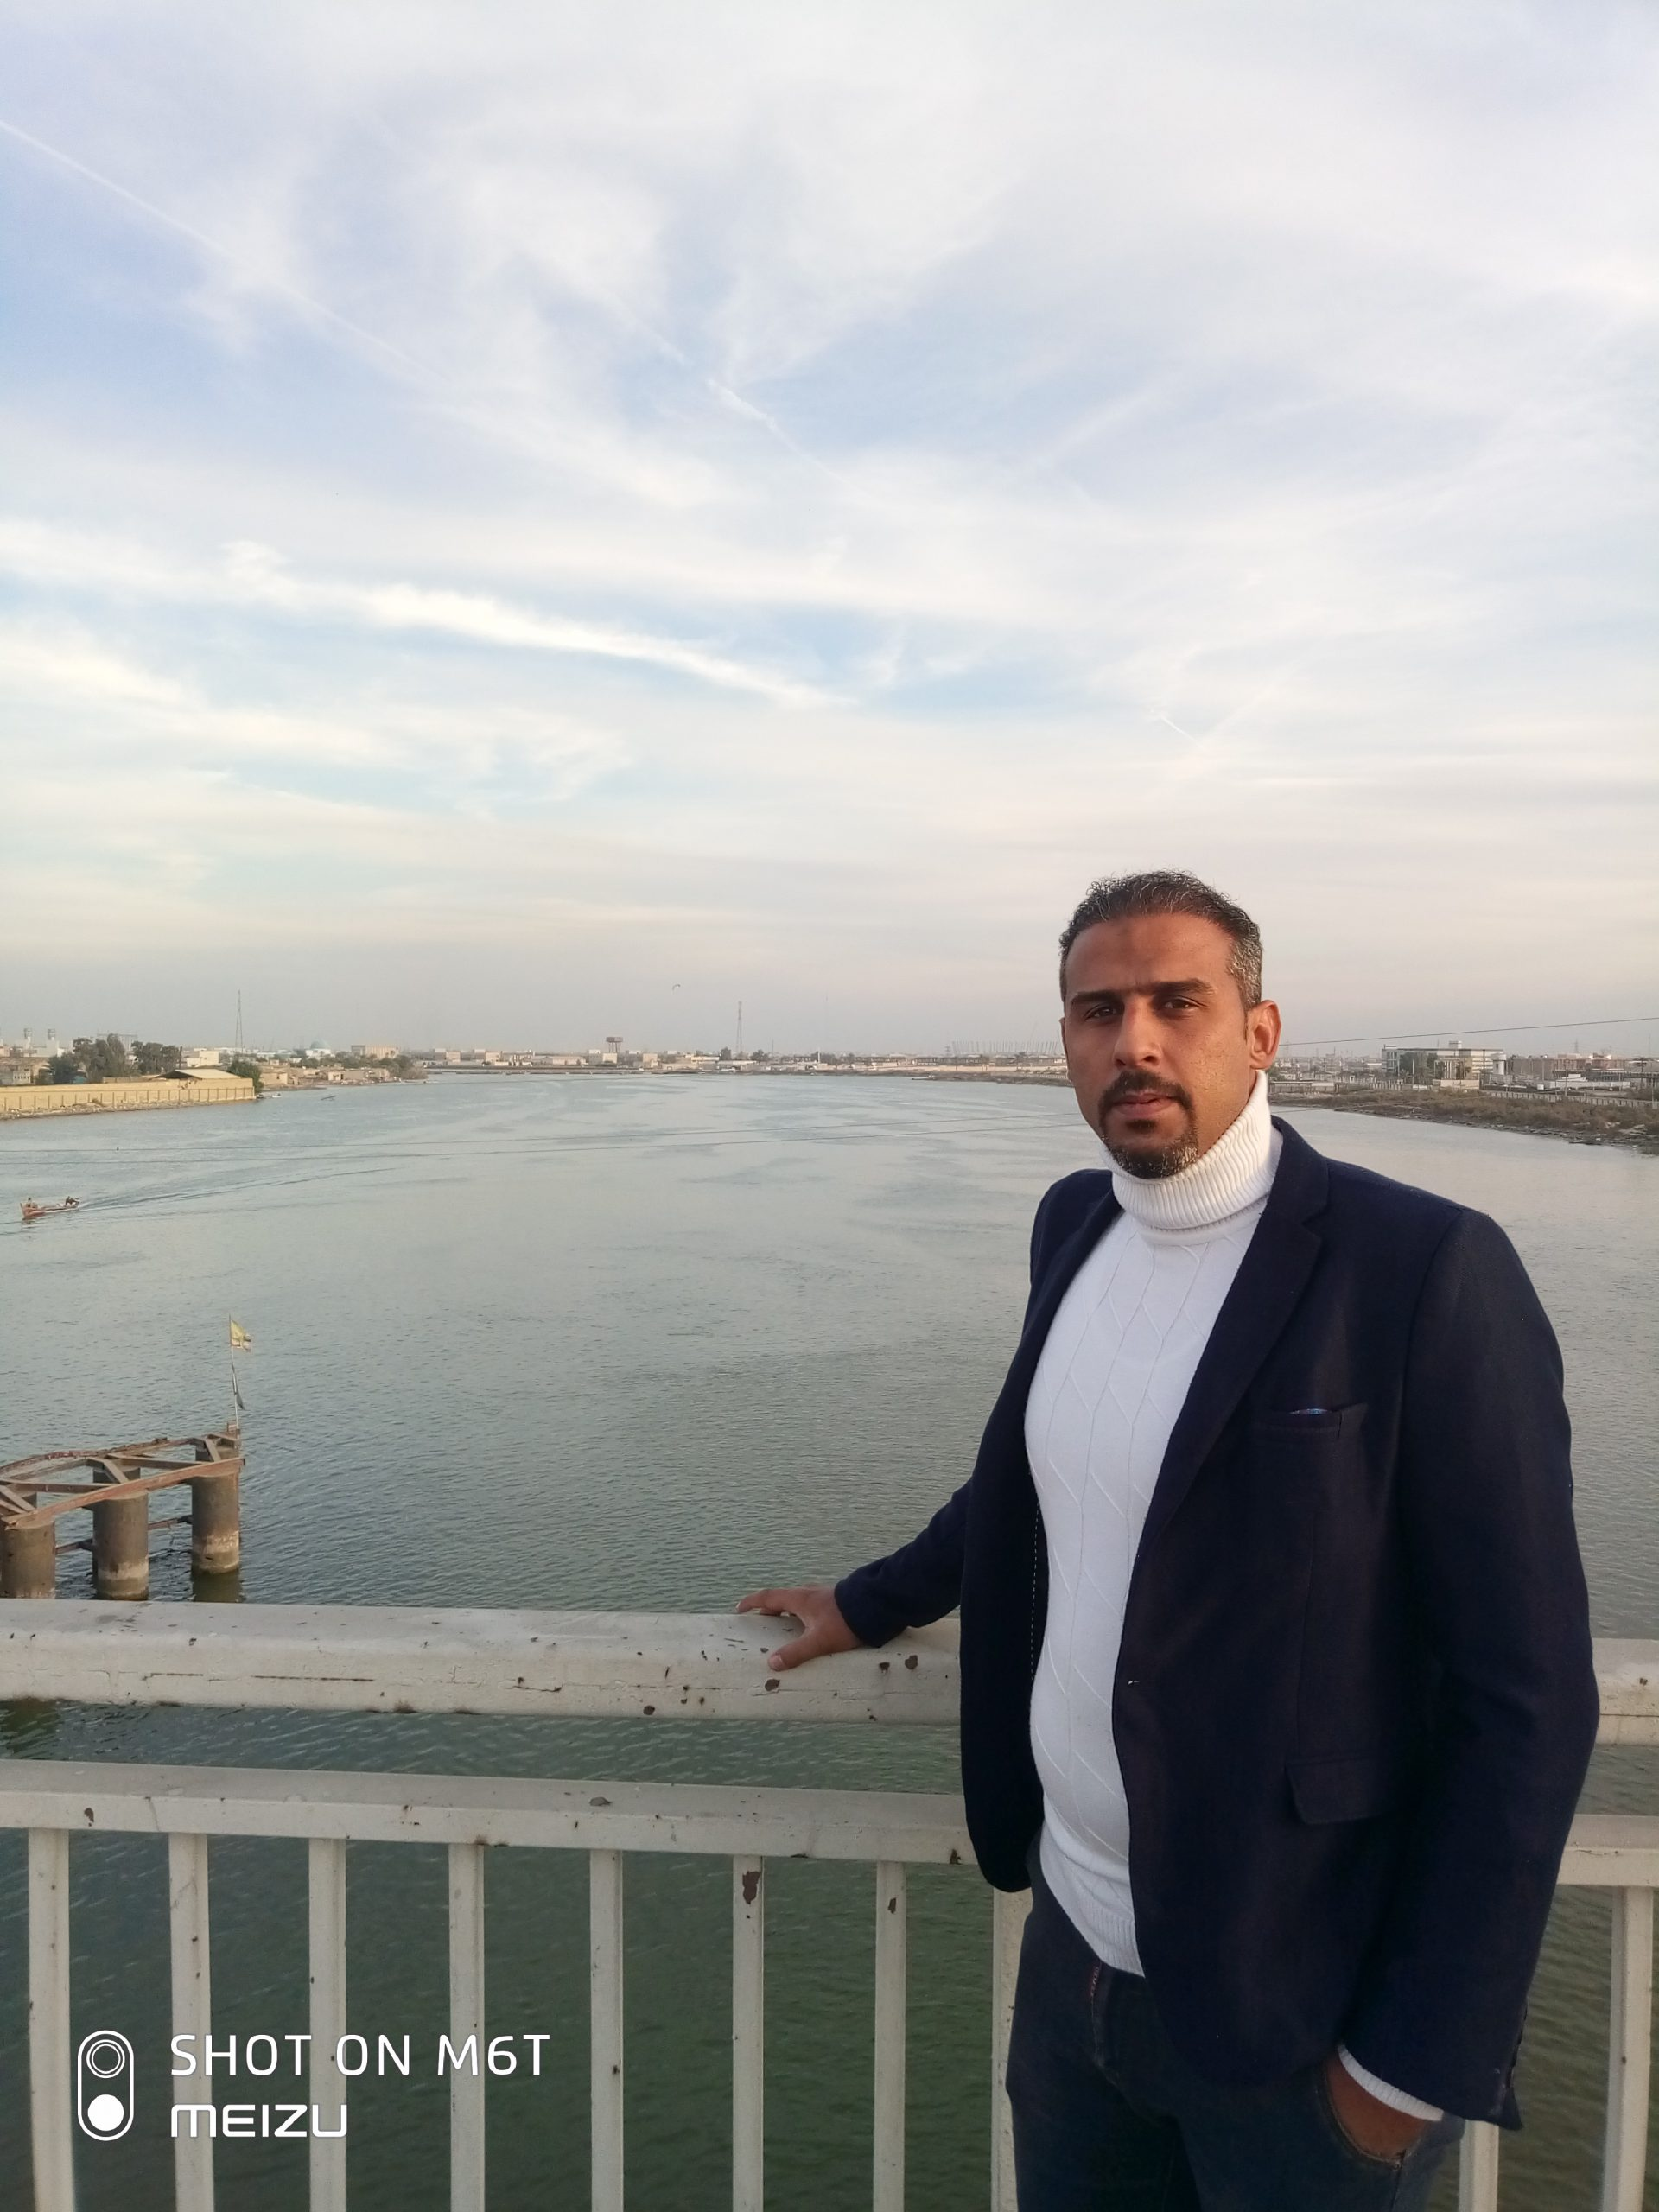 محمد حسين العبوسي رئيس منظمة الشباب العربي ومدافع عن حقوق الانسان